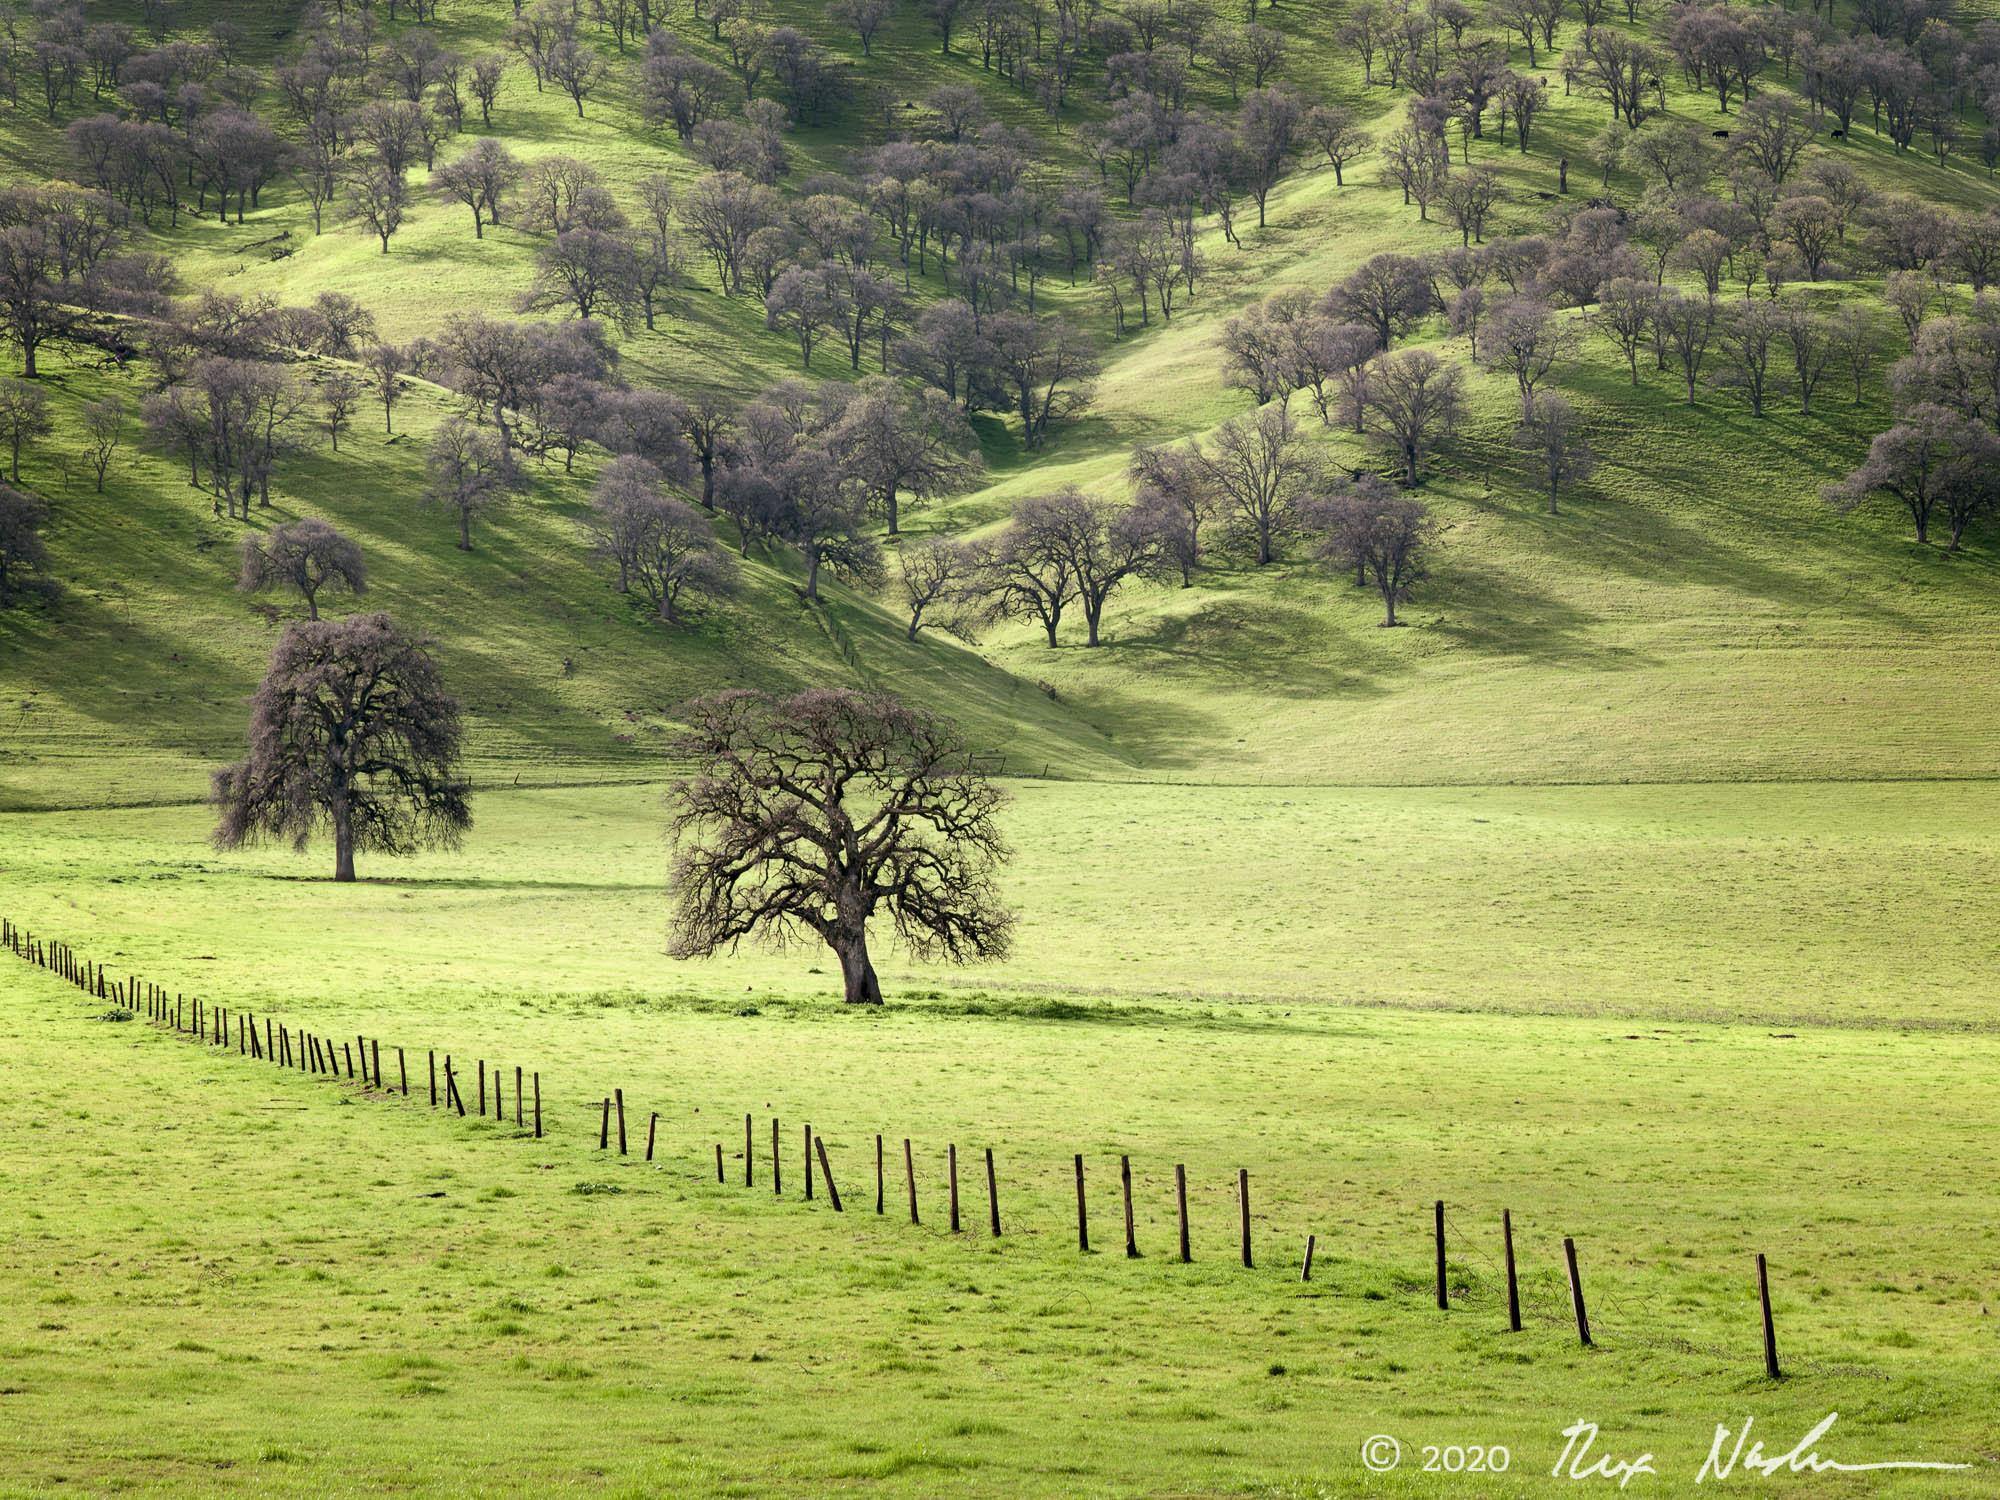 Valley Oaks - East Bay